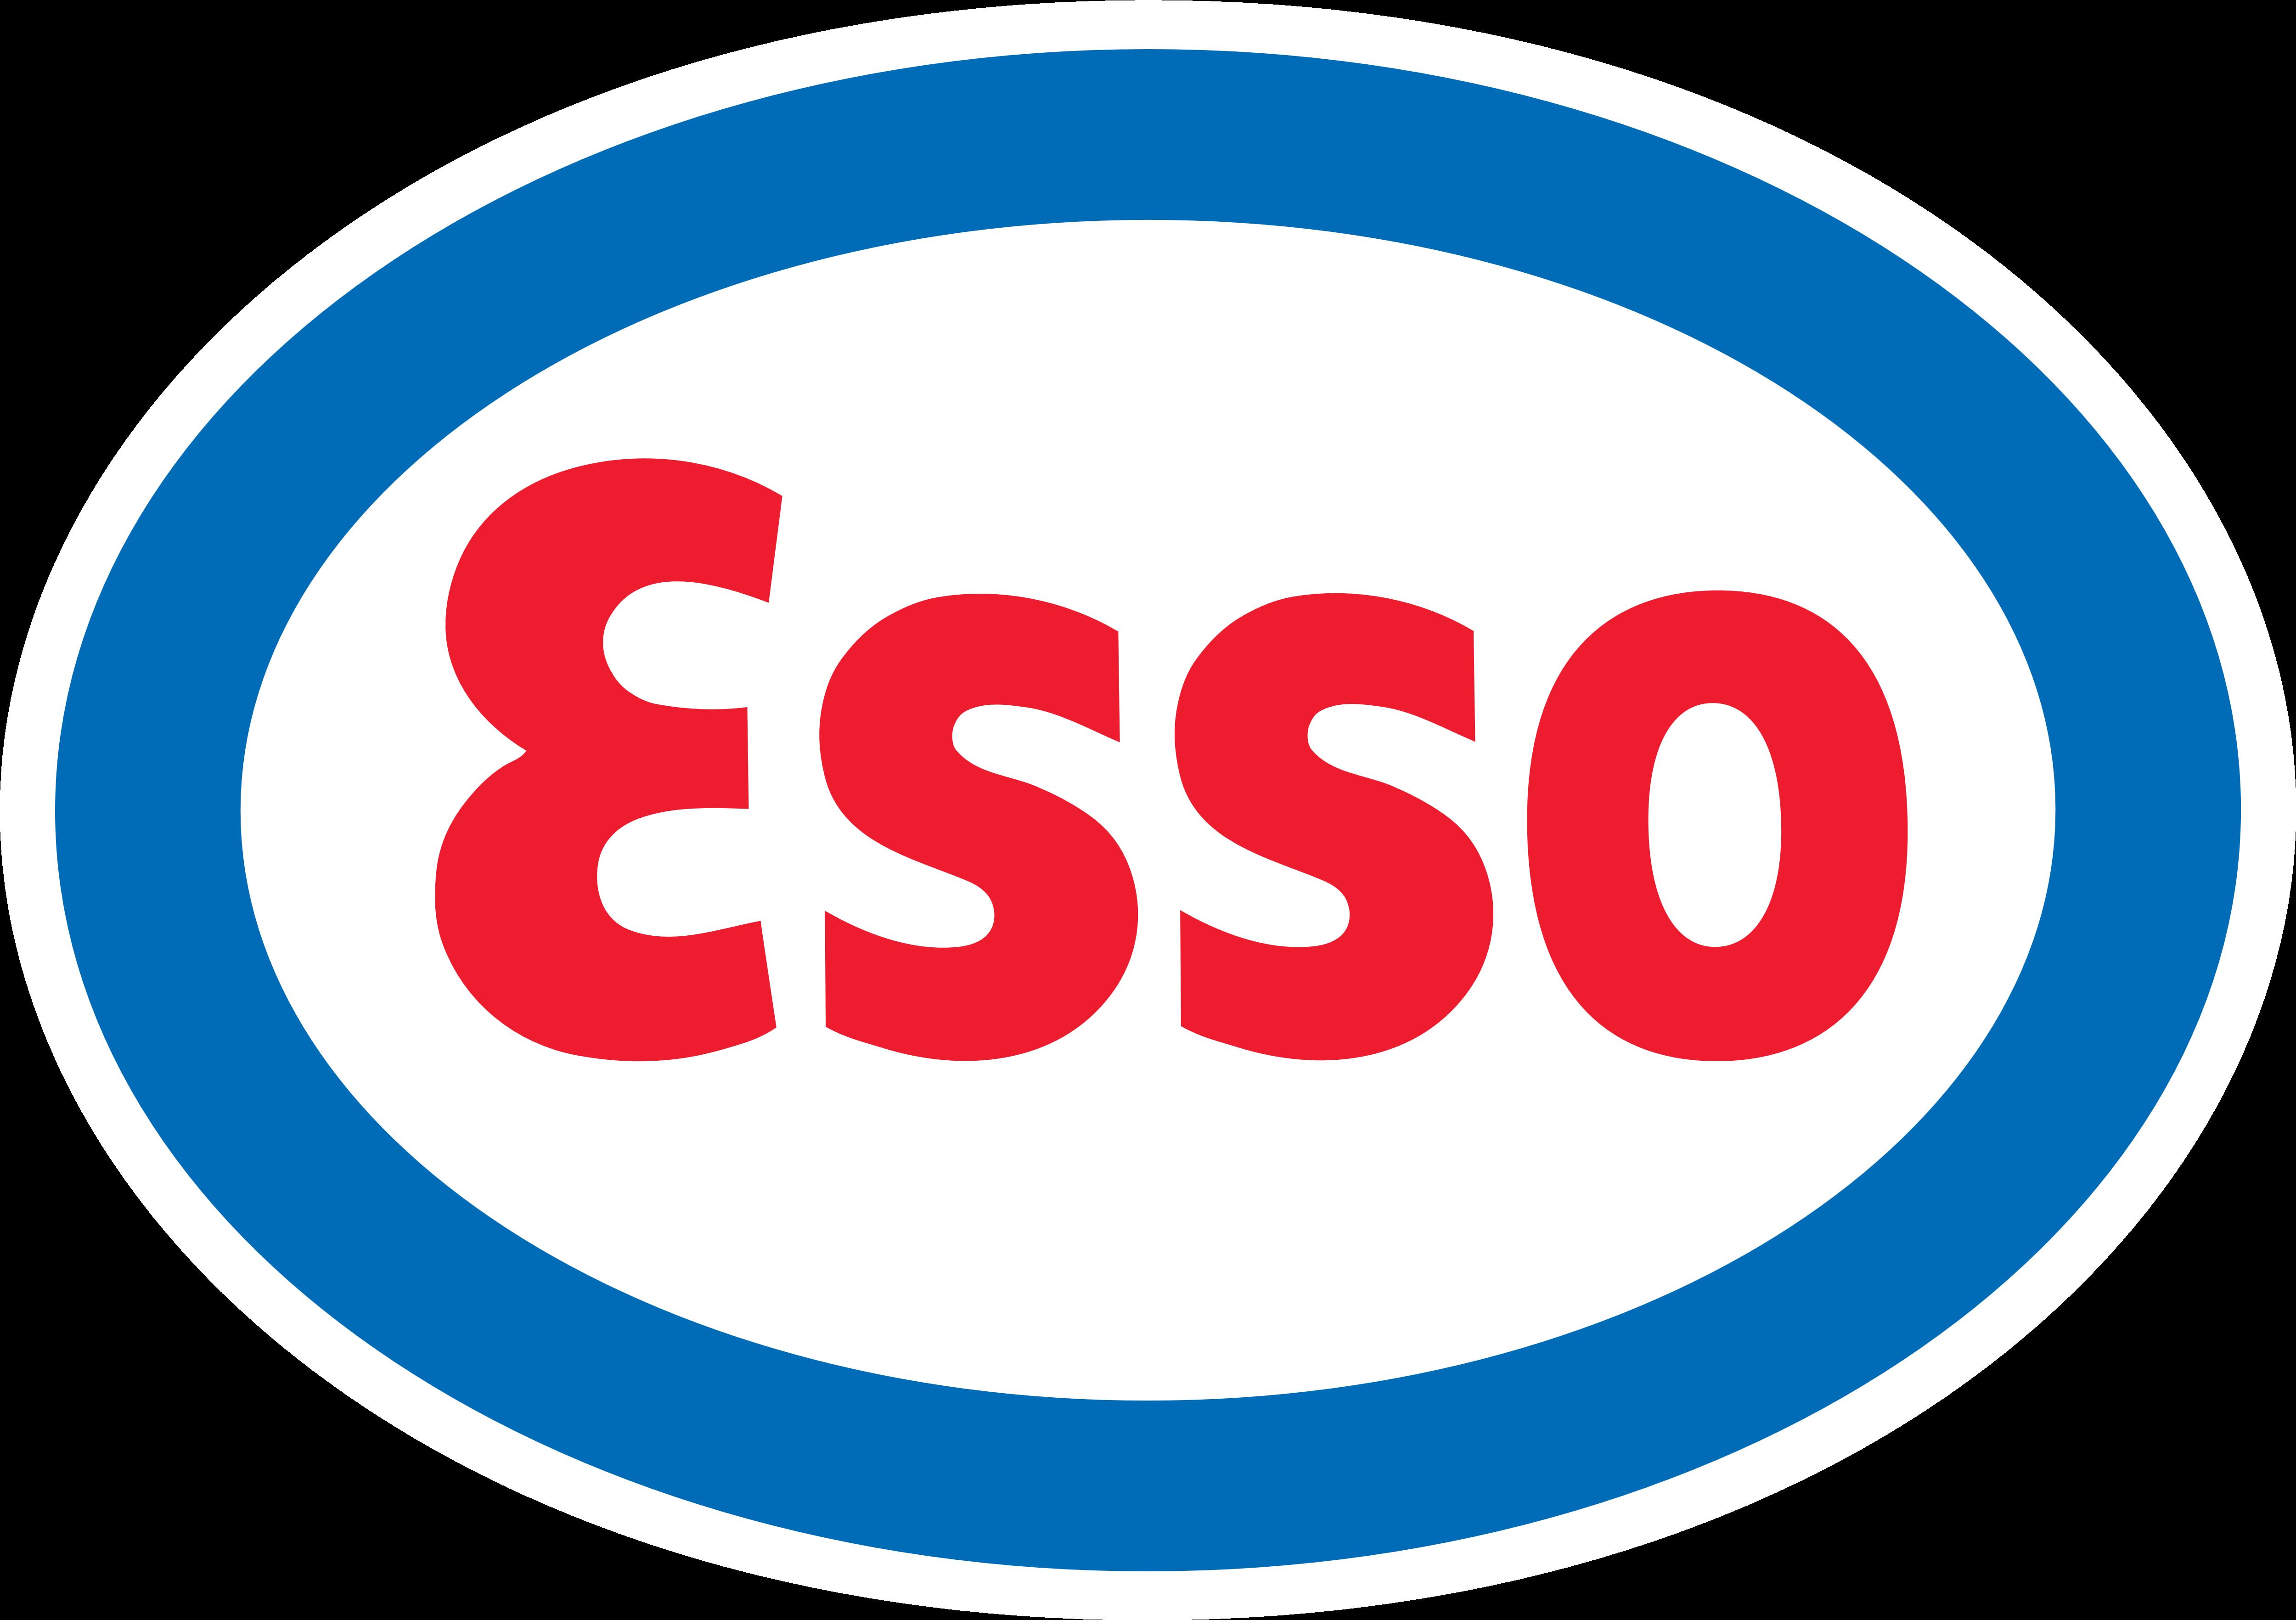 Esso logo.